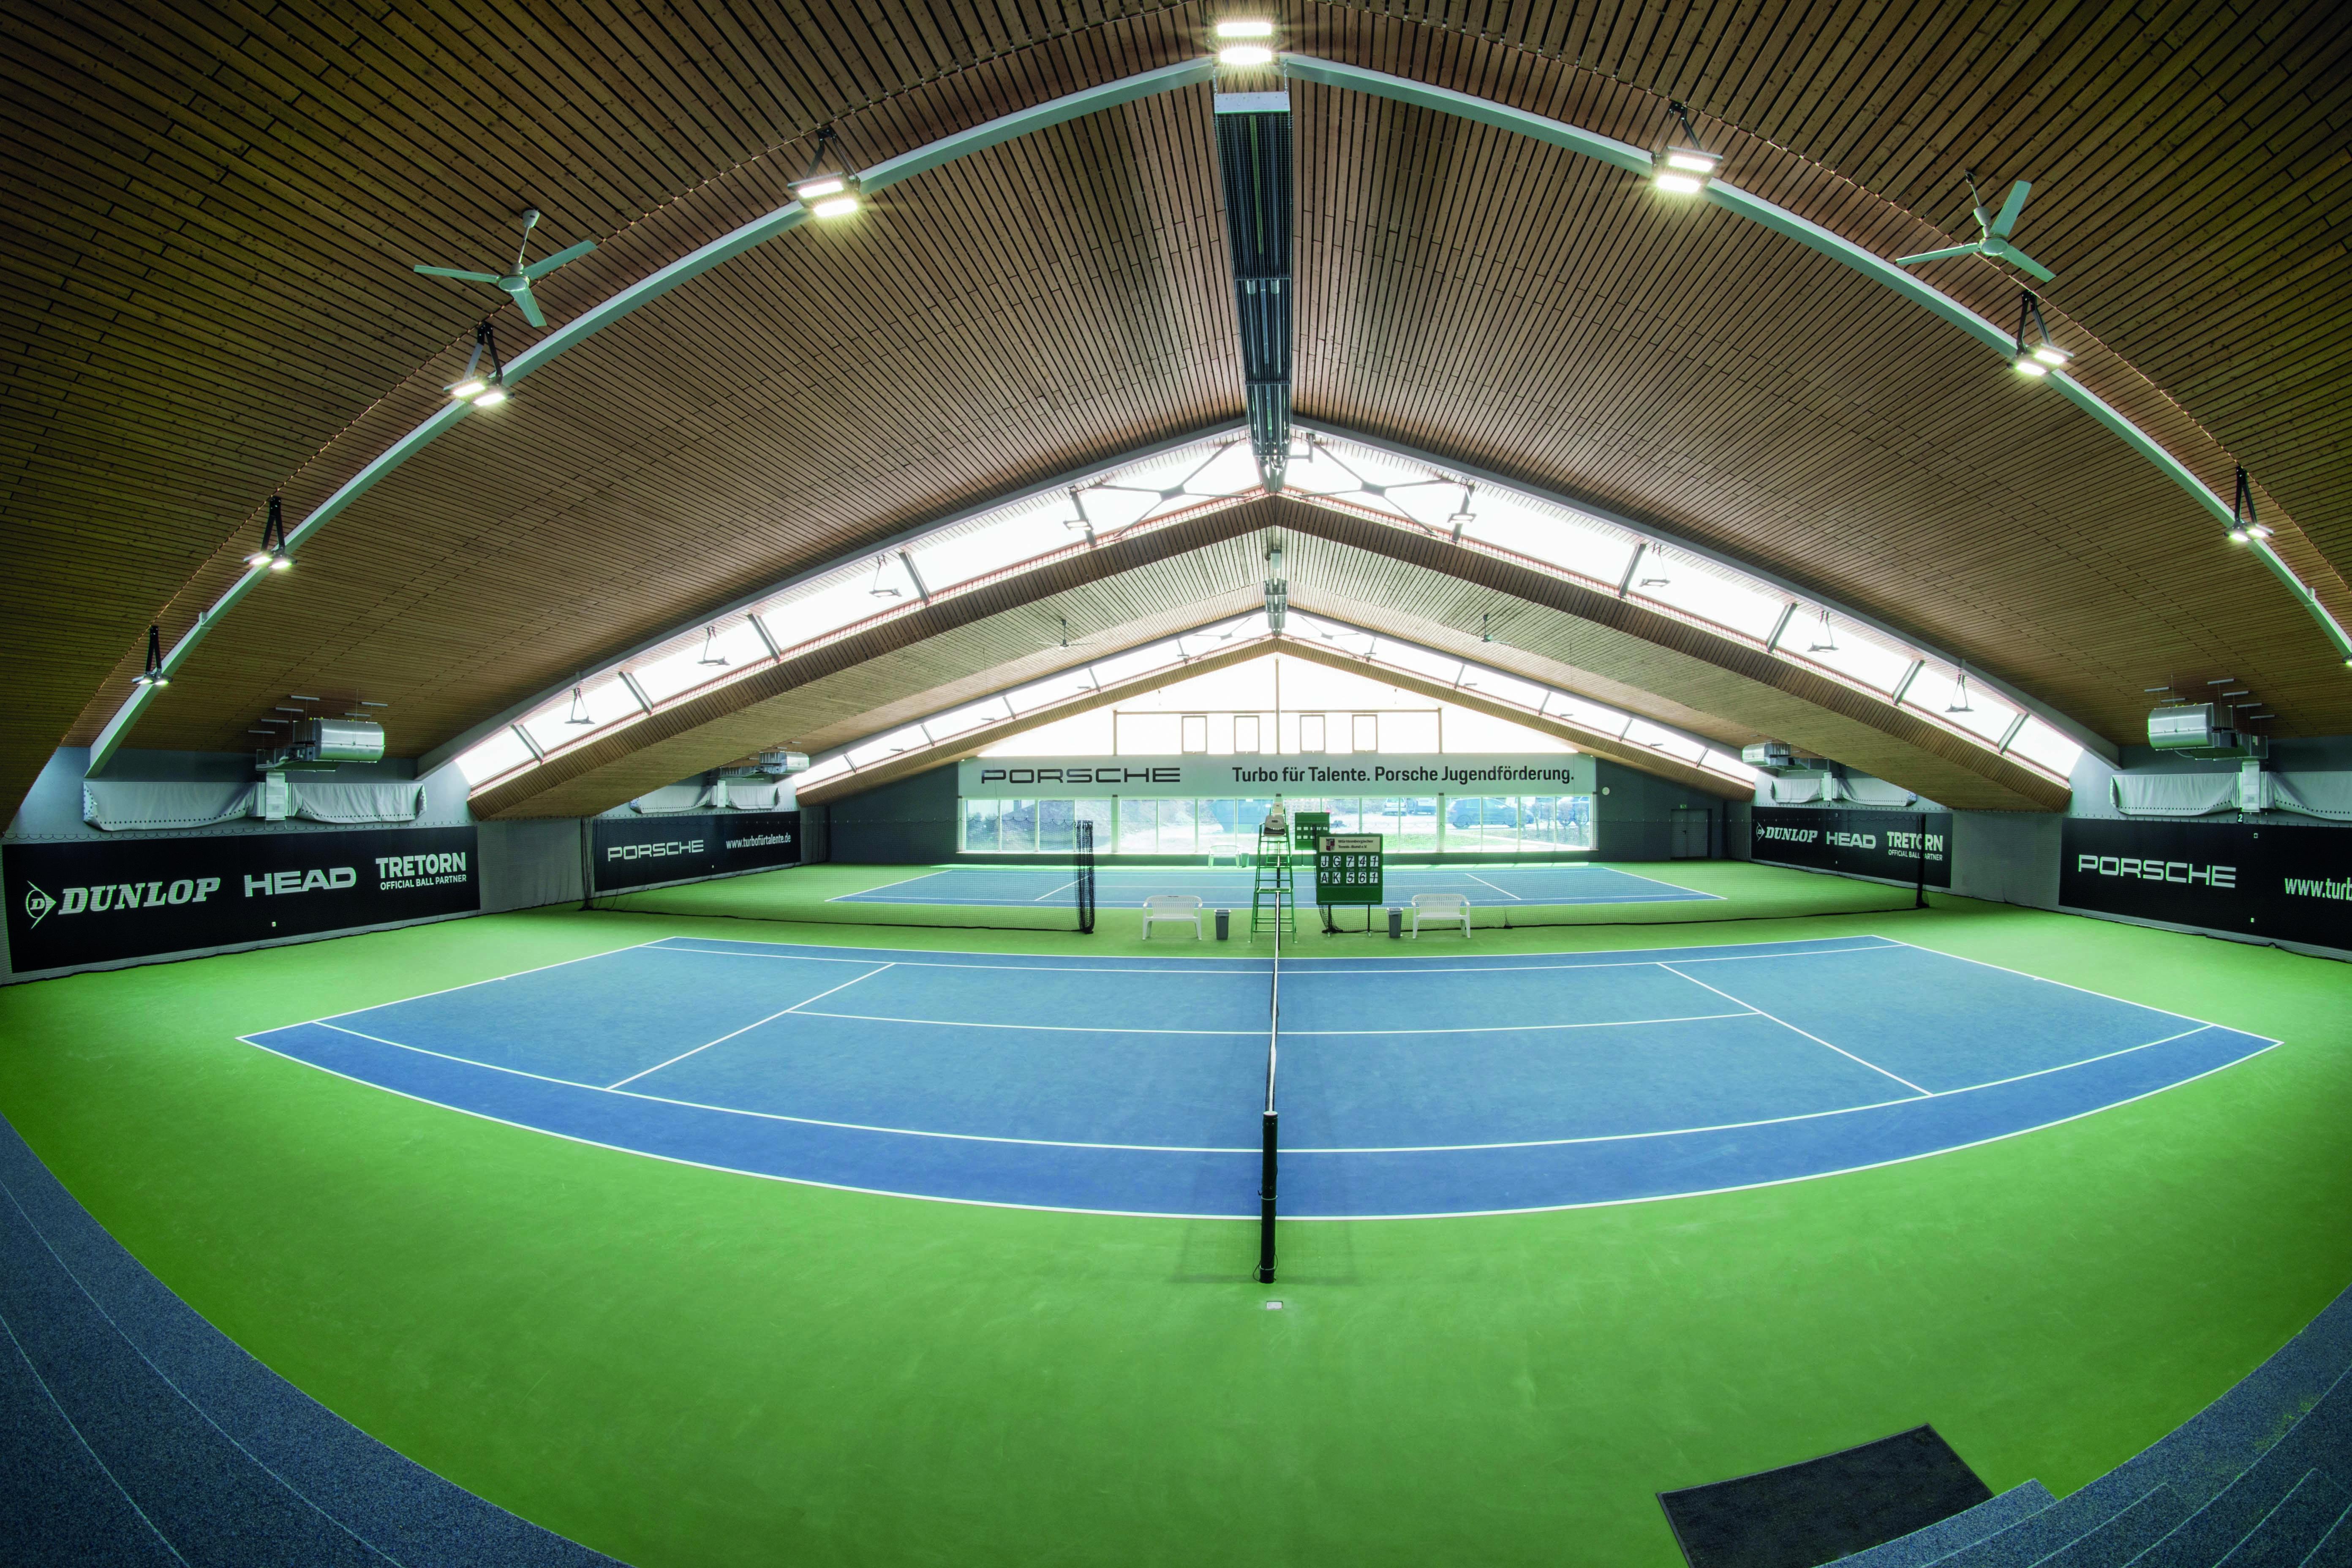 Tennishallenansicht des Württembergischen Tennis-Bundes (WTB)